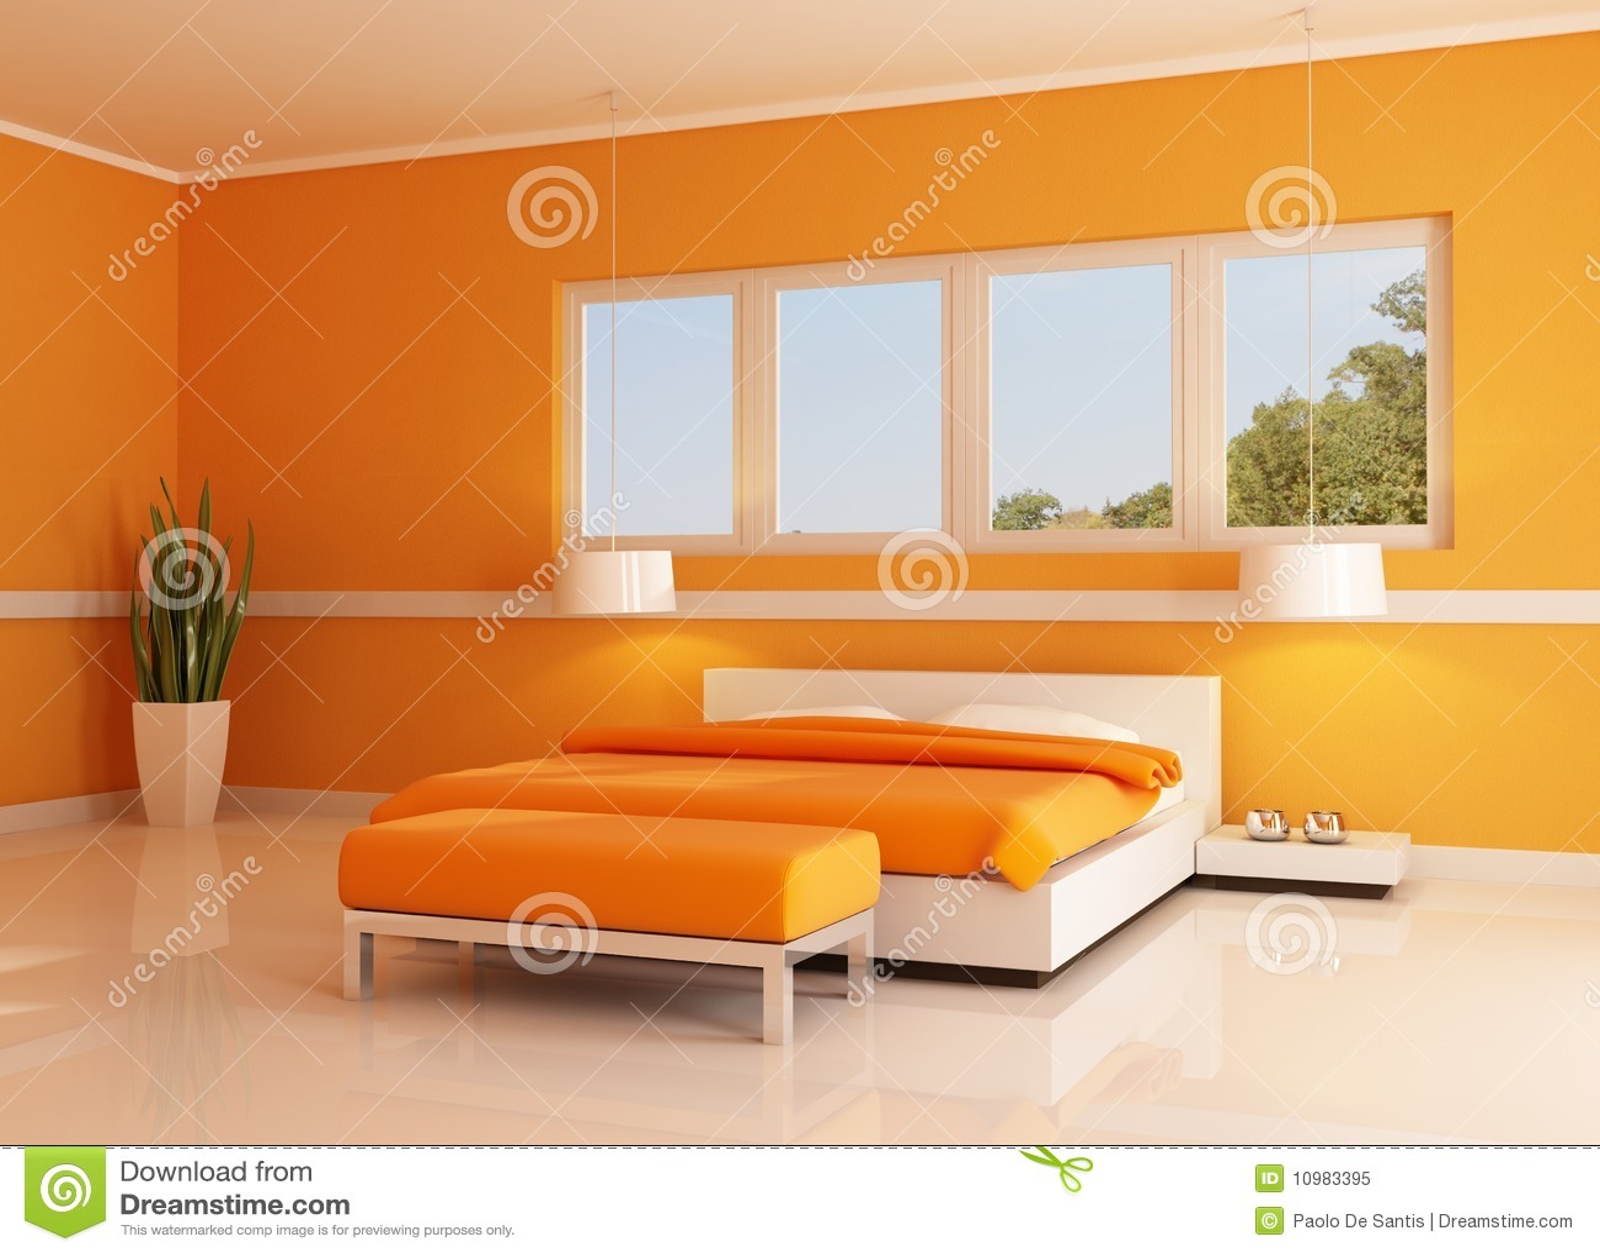 Camera Da Letto Arancione Moderna Fotografia Stock Libera da Diritti - Immagine: 10983395